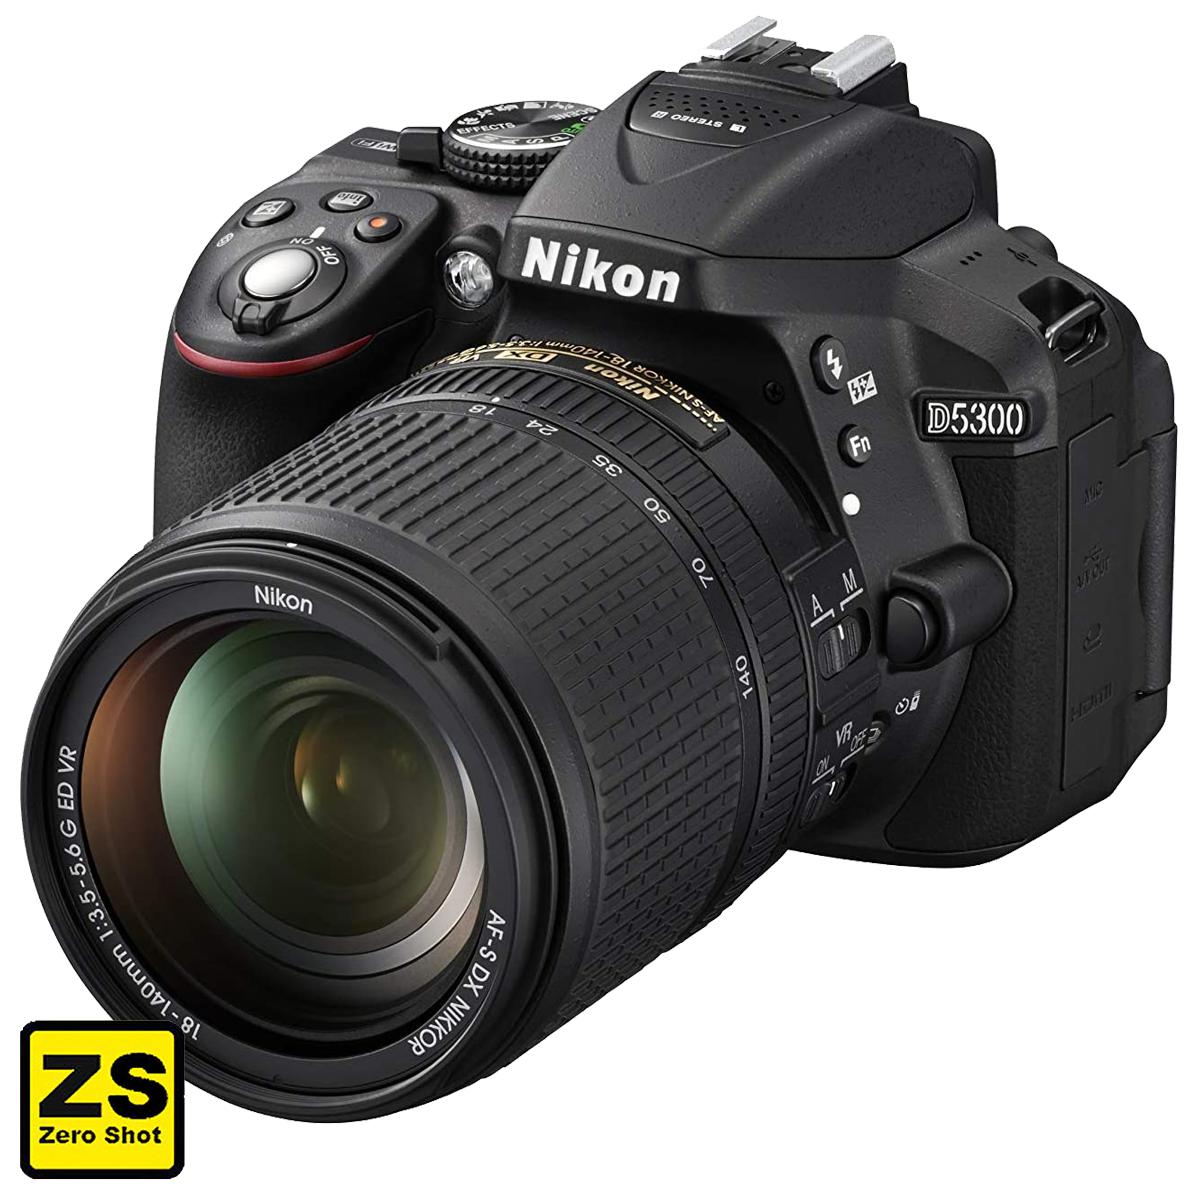 Câmera Nikon D5300 + Objetiva AF-P DX NIKKOR 18-140mm f/3.5-5.6G VR (Zero Shot)